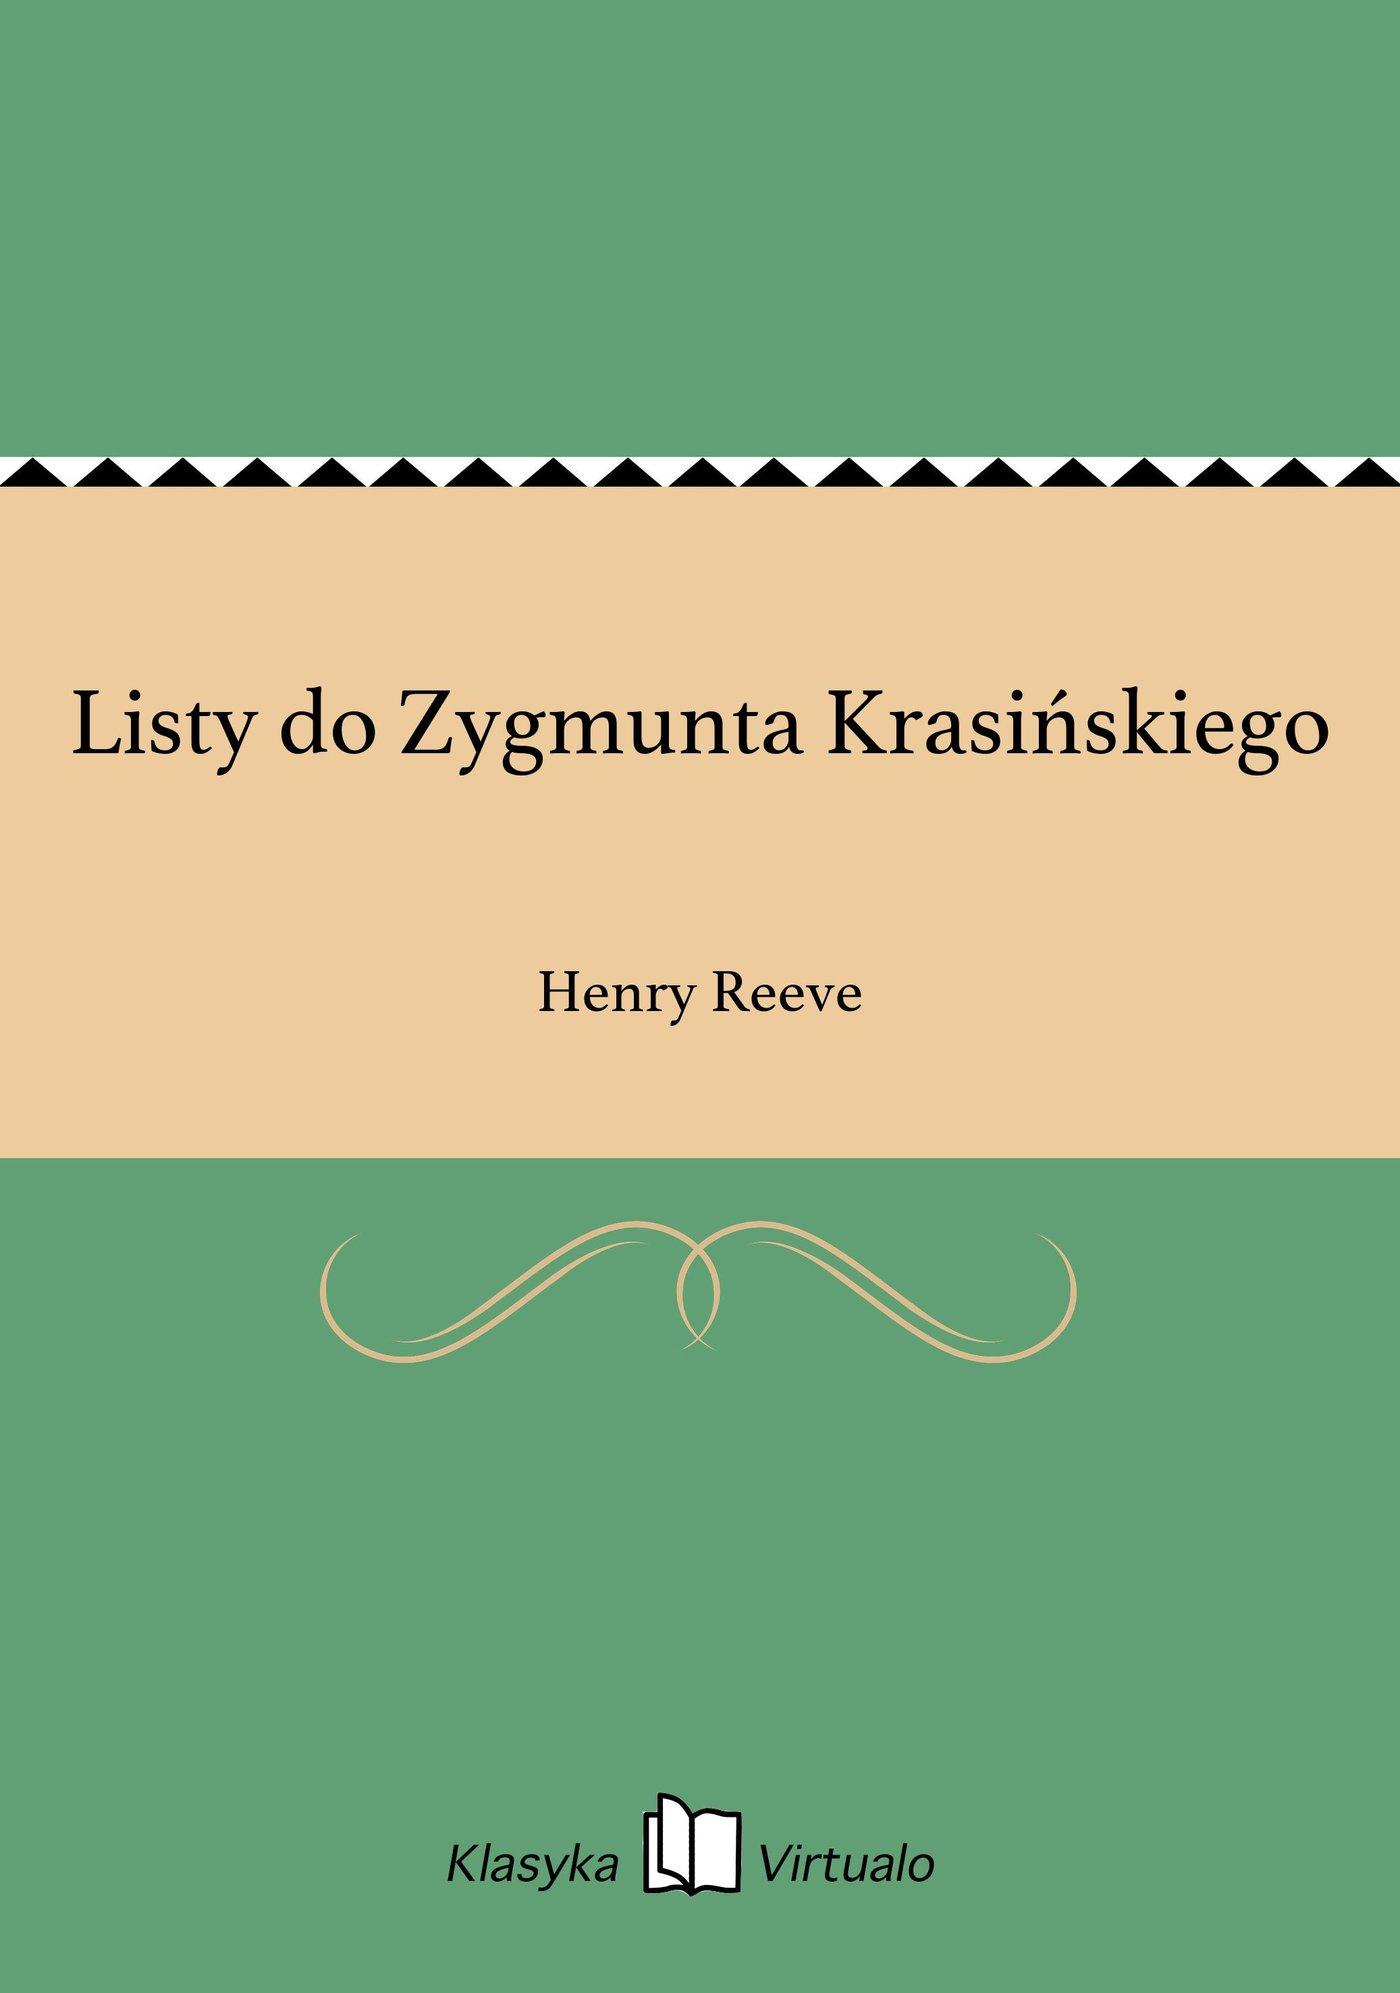 Listy do Zygmunta Krasińskiego - Ebook (Książka na Kindle) do pobrania w formacie MOBI